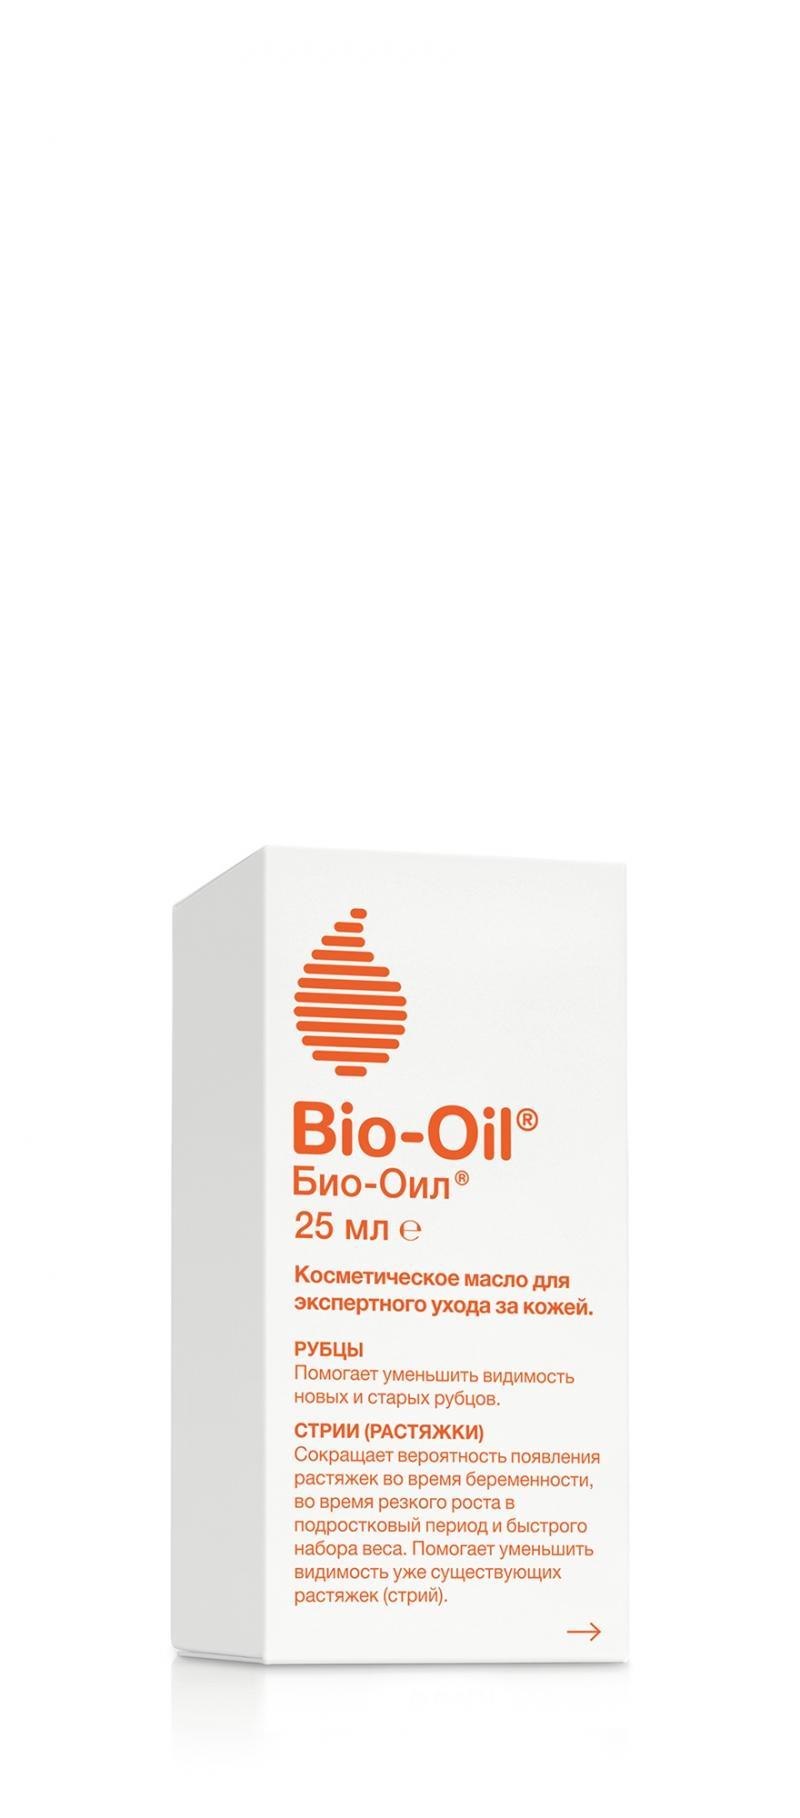 Bio-Oil Косметическое масло для тела, 25 мл (Bio-Oil, ) гель для тела bio oil для сухой кожи 100 мл